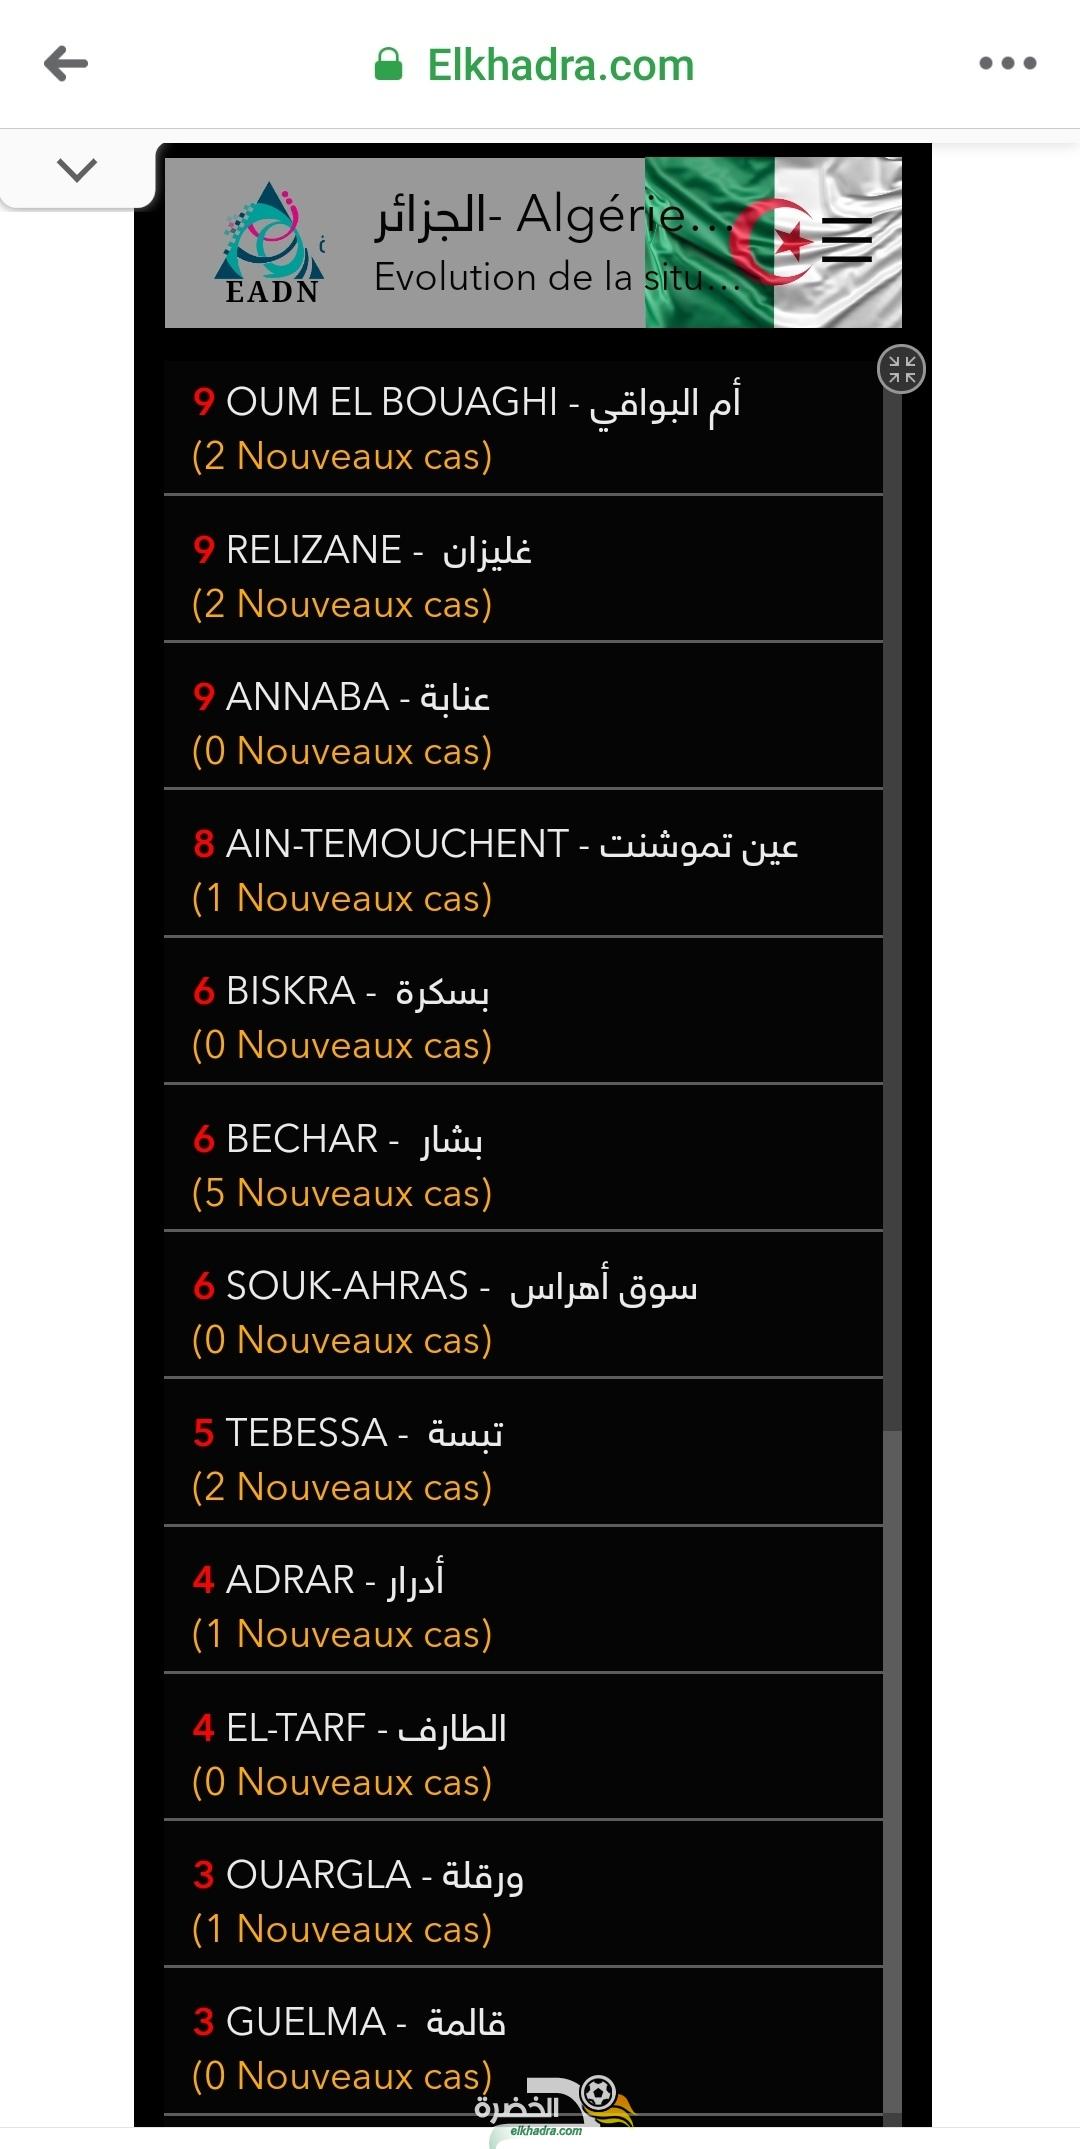 فيروس كورونا بالجزائر : قائمة وحالات الاصابة حسب الولايات اليوم الأحد 5 افريل 2020 28